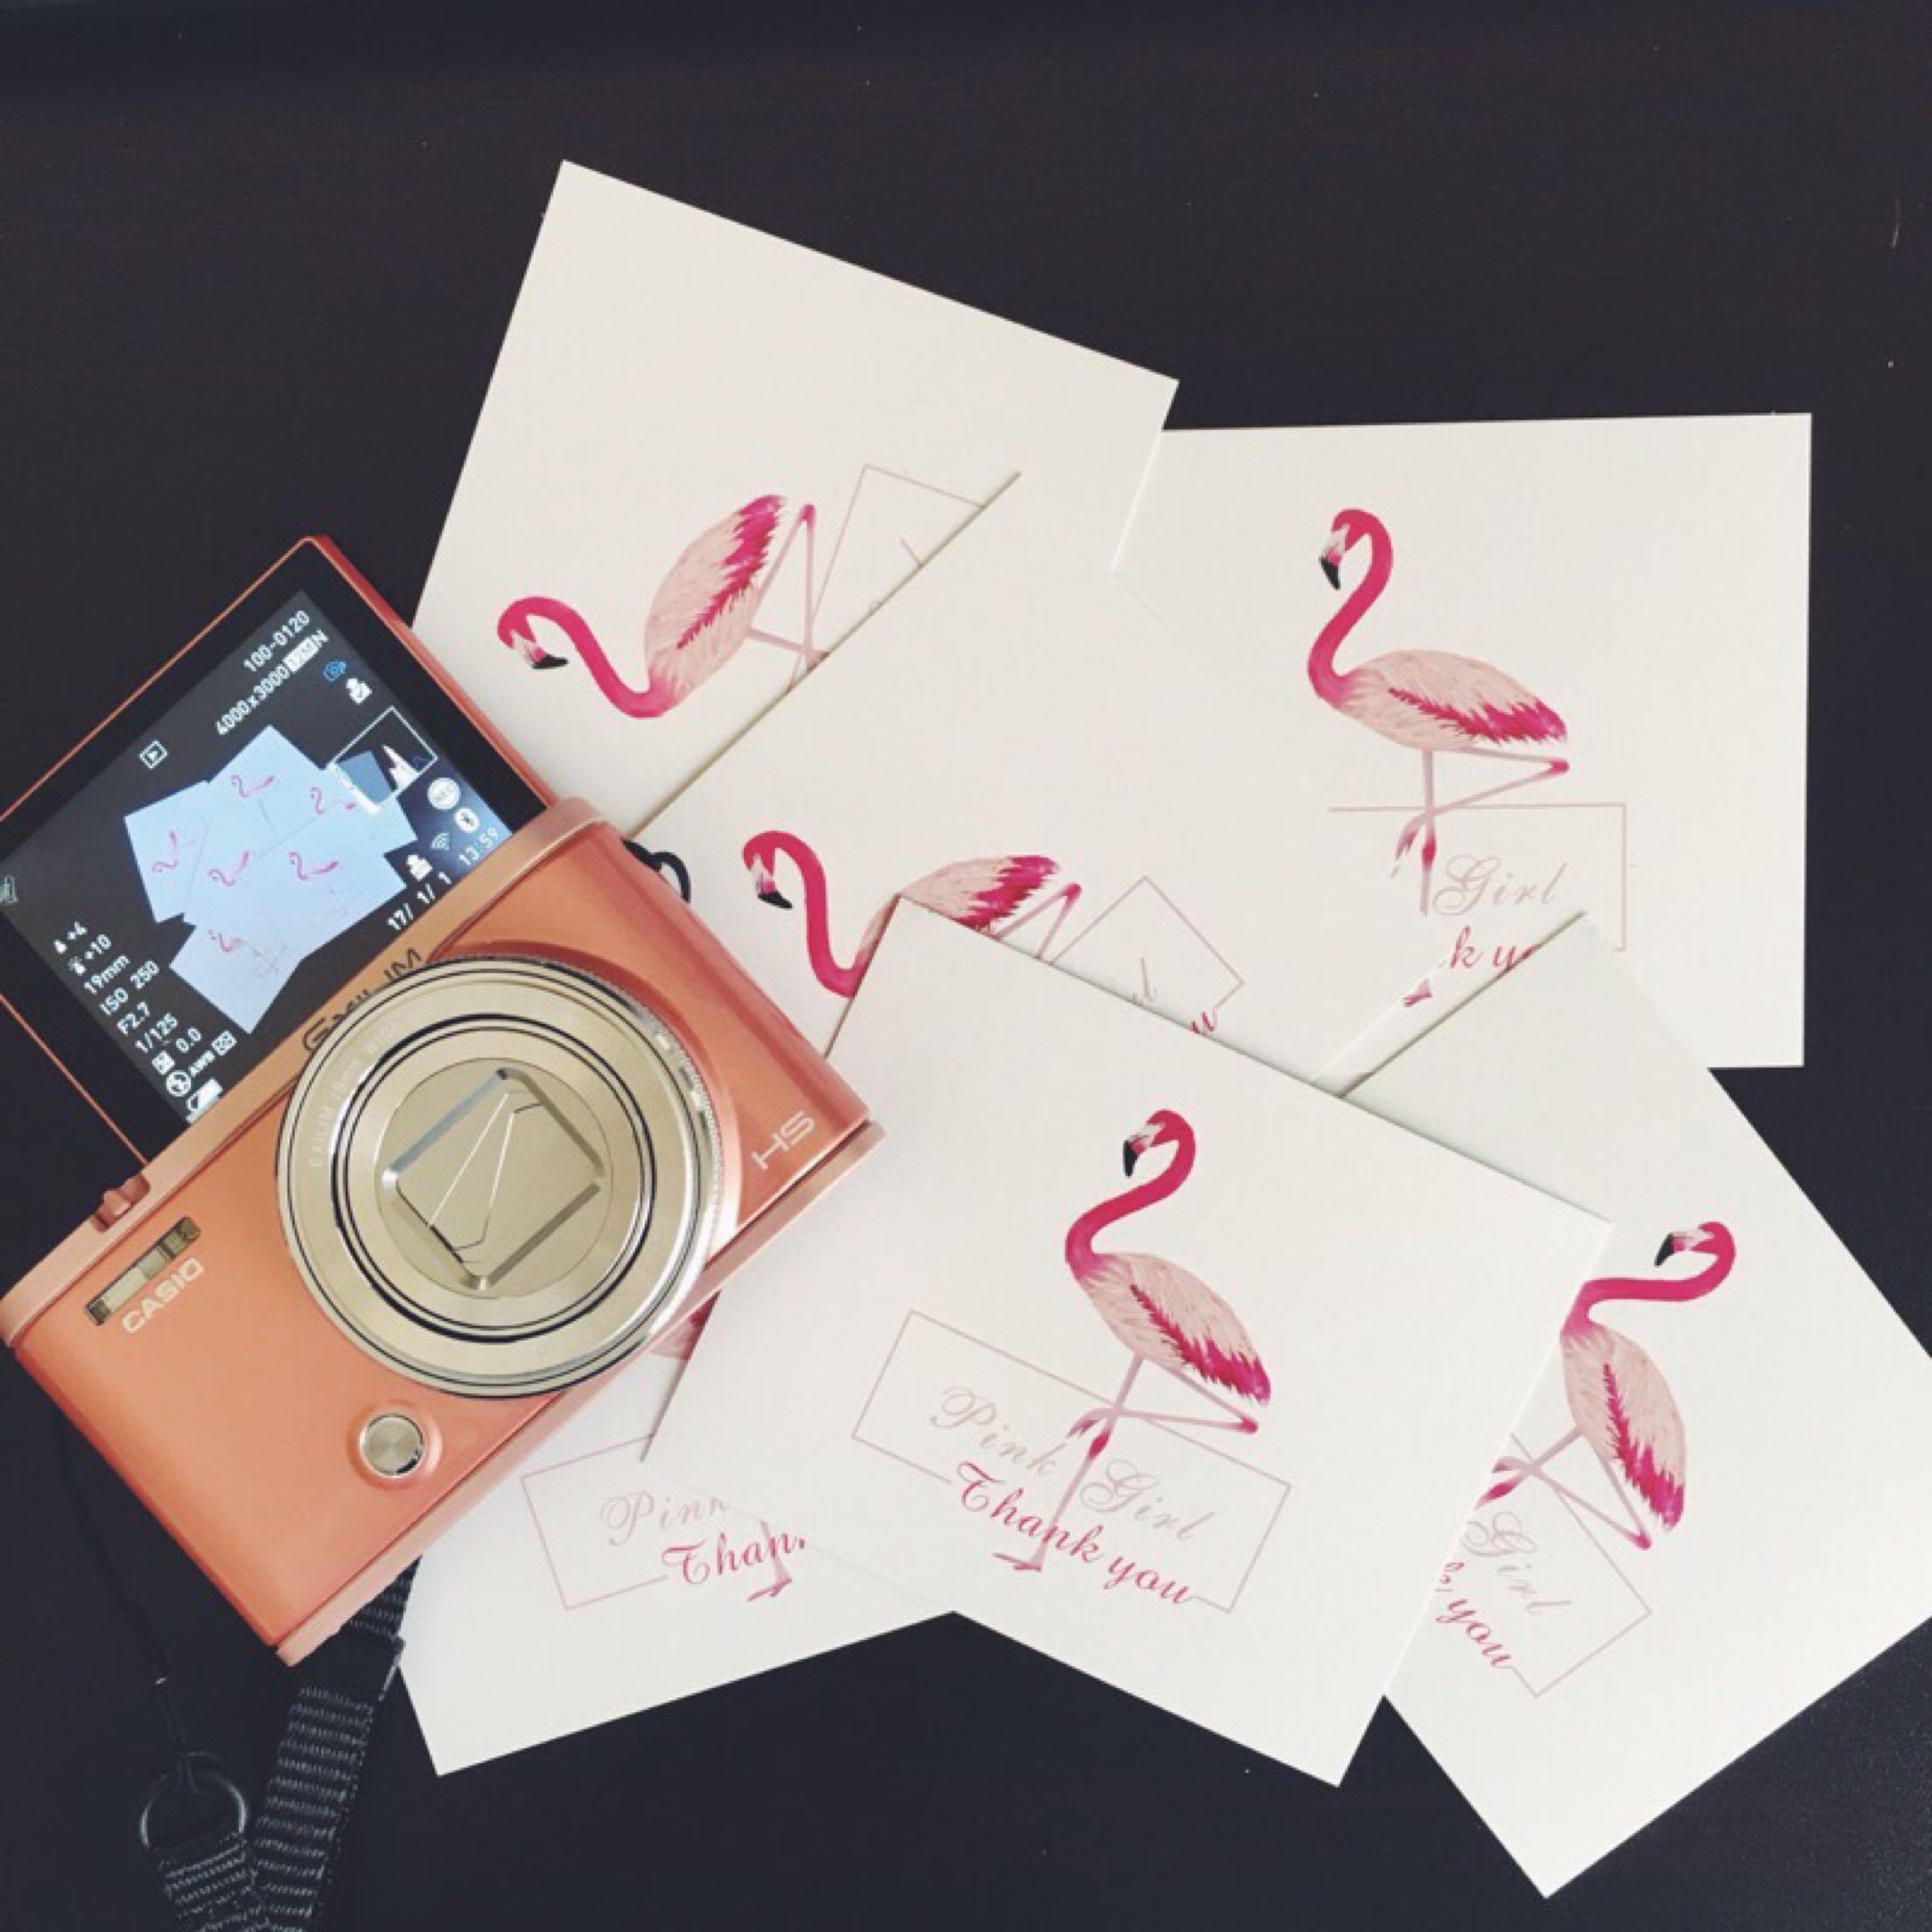 售后服务卡返现明信片定制文艺小清新宣传感谢小卡片定做印刷设计